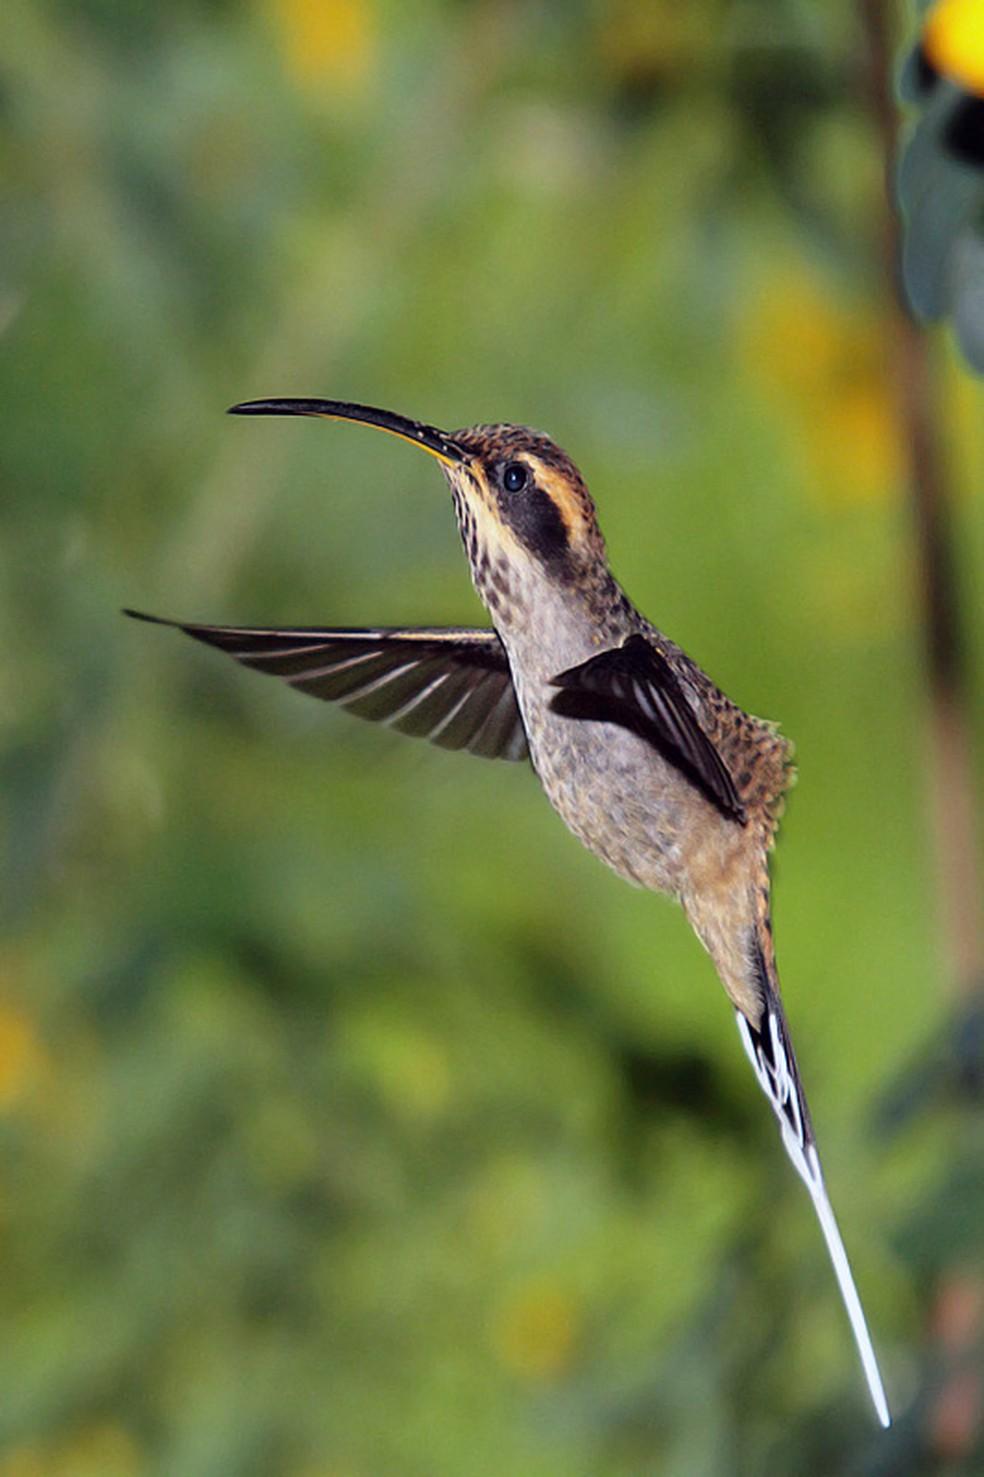 A delicadeza do beija-flor eternizada em um clique: registrar a natureza faz bem  — Foto: Roberto Gallacci/Arquivo Pessoal